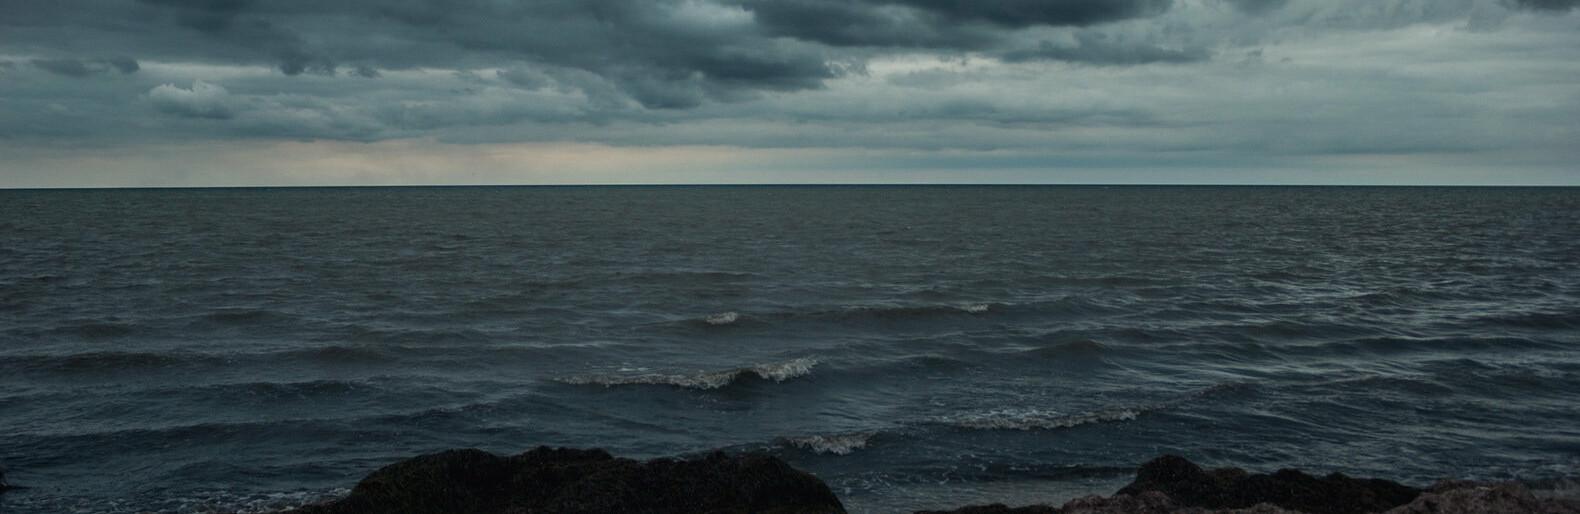 На Одессу надвигается атмосферный фронт: погода сегодня0